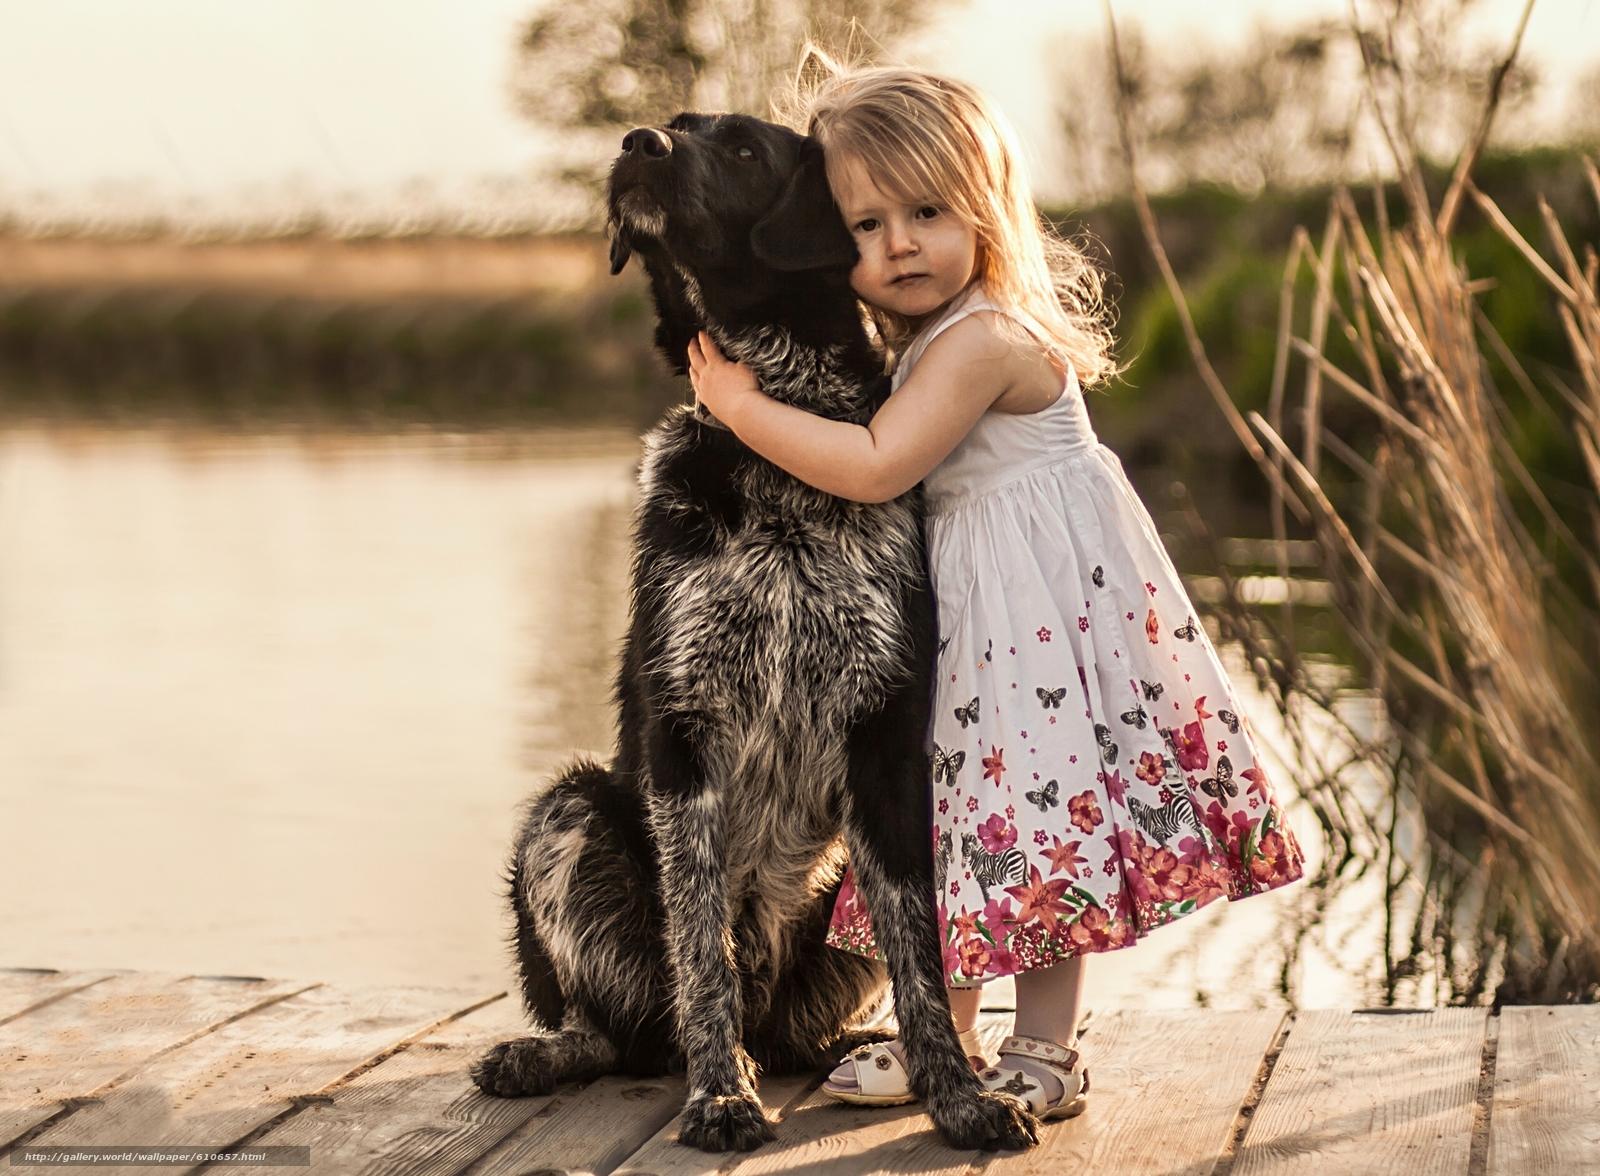 Скачать обои девочка,  собака,  пёс,  друзья бесплатно для рабочего стола в разрешении 2560x1882 — картинка №610657